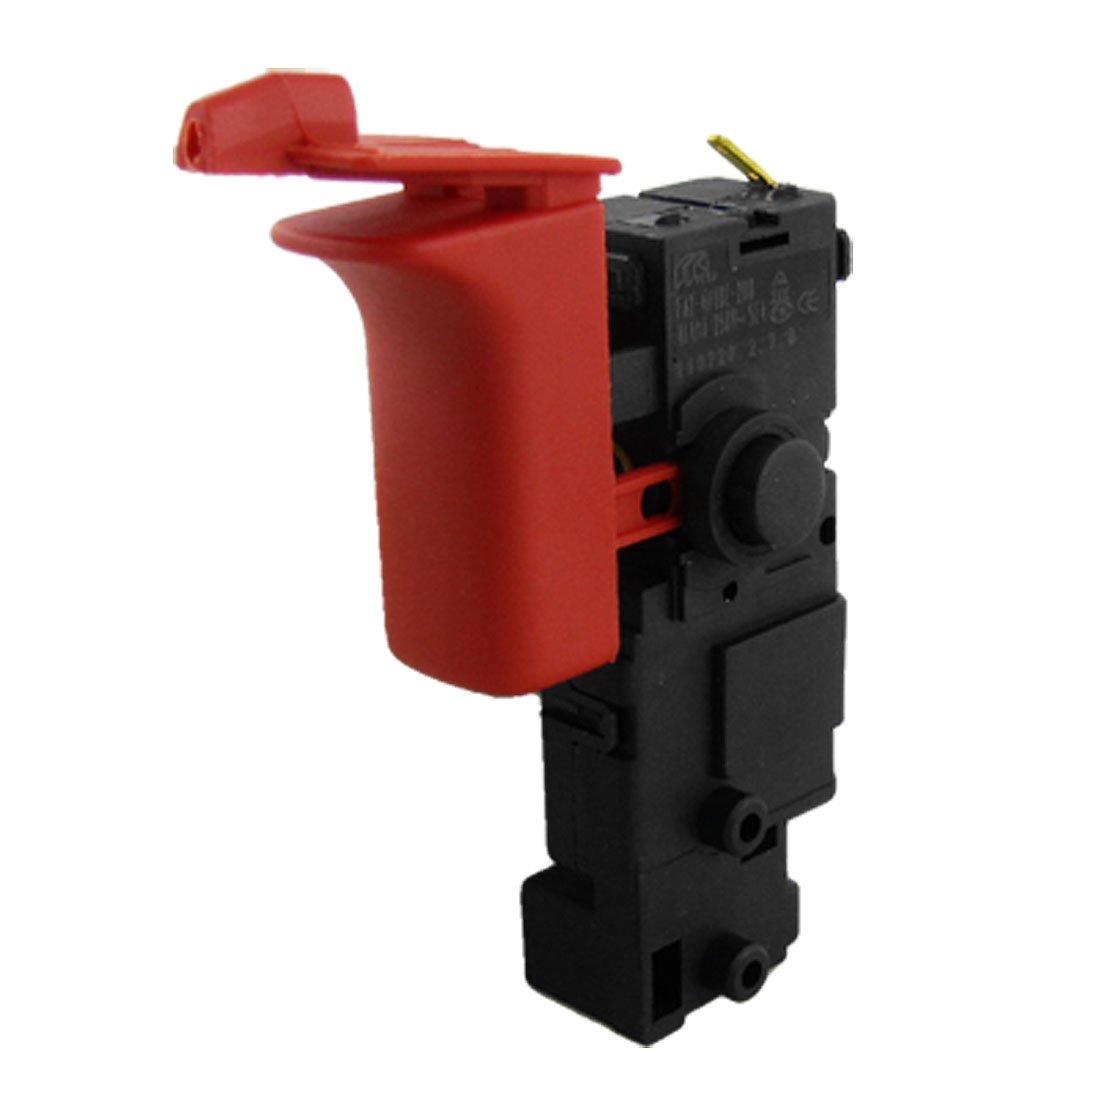 sourcingmap Taladro elé ctrico de activació n del interruptor de CA 250V para Bosch GBH2-26 a11092400ux0102